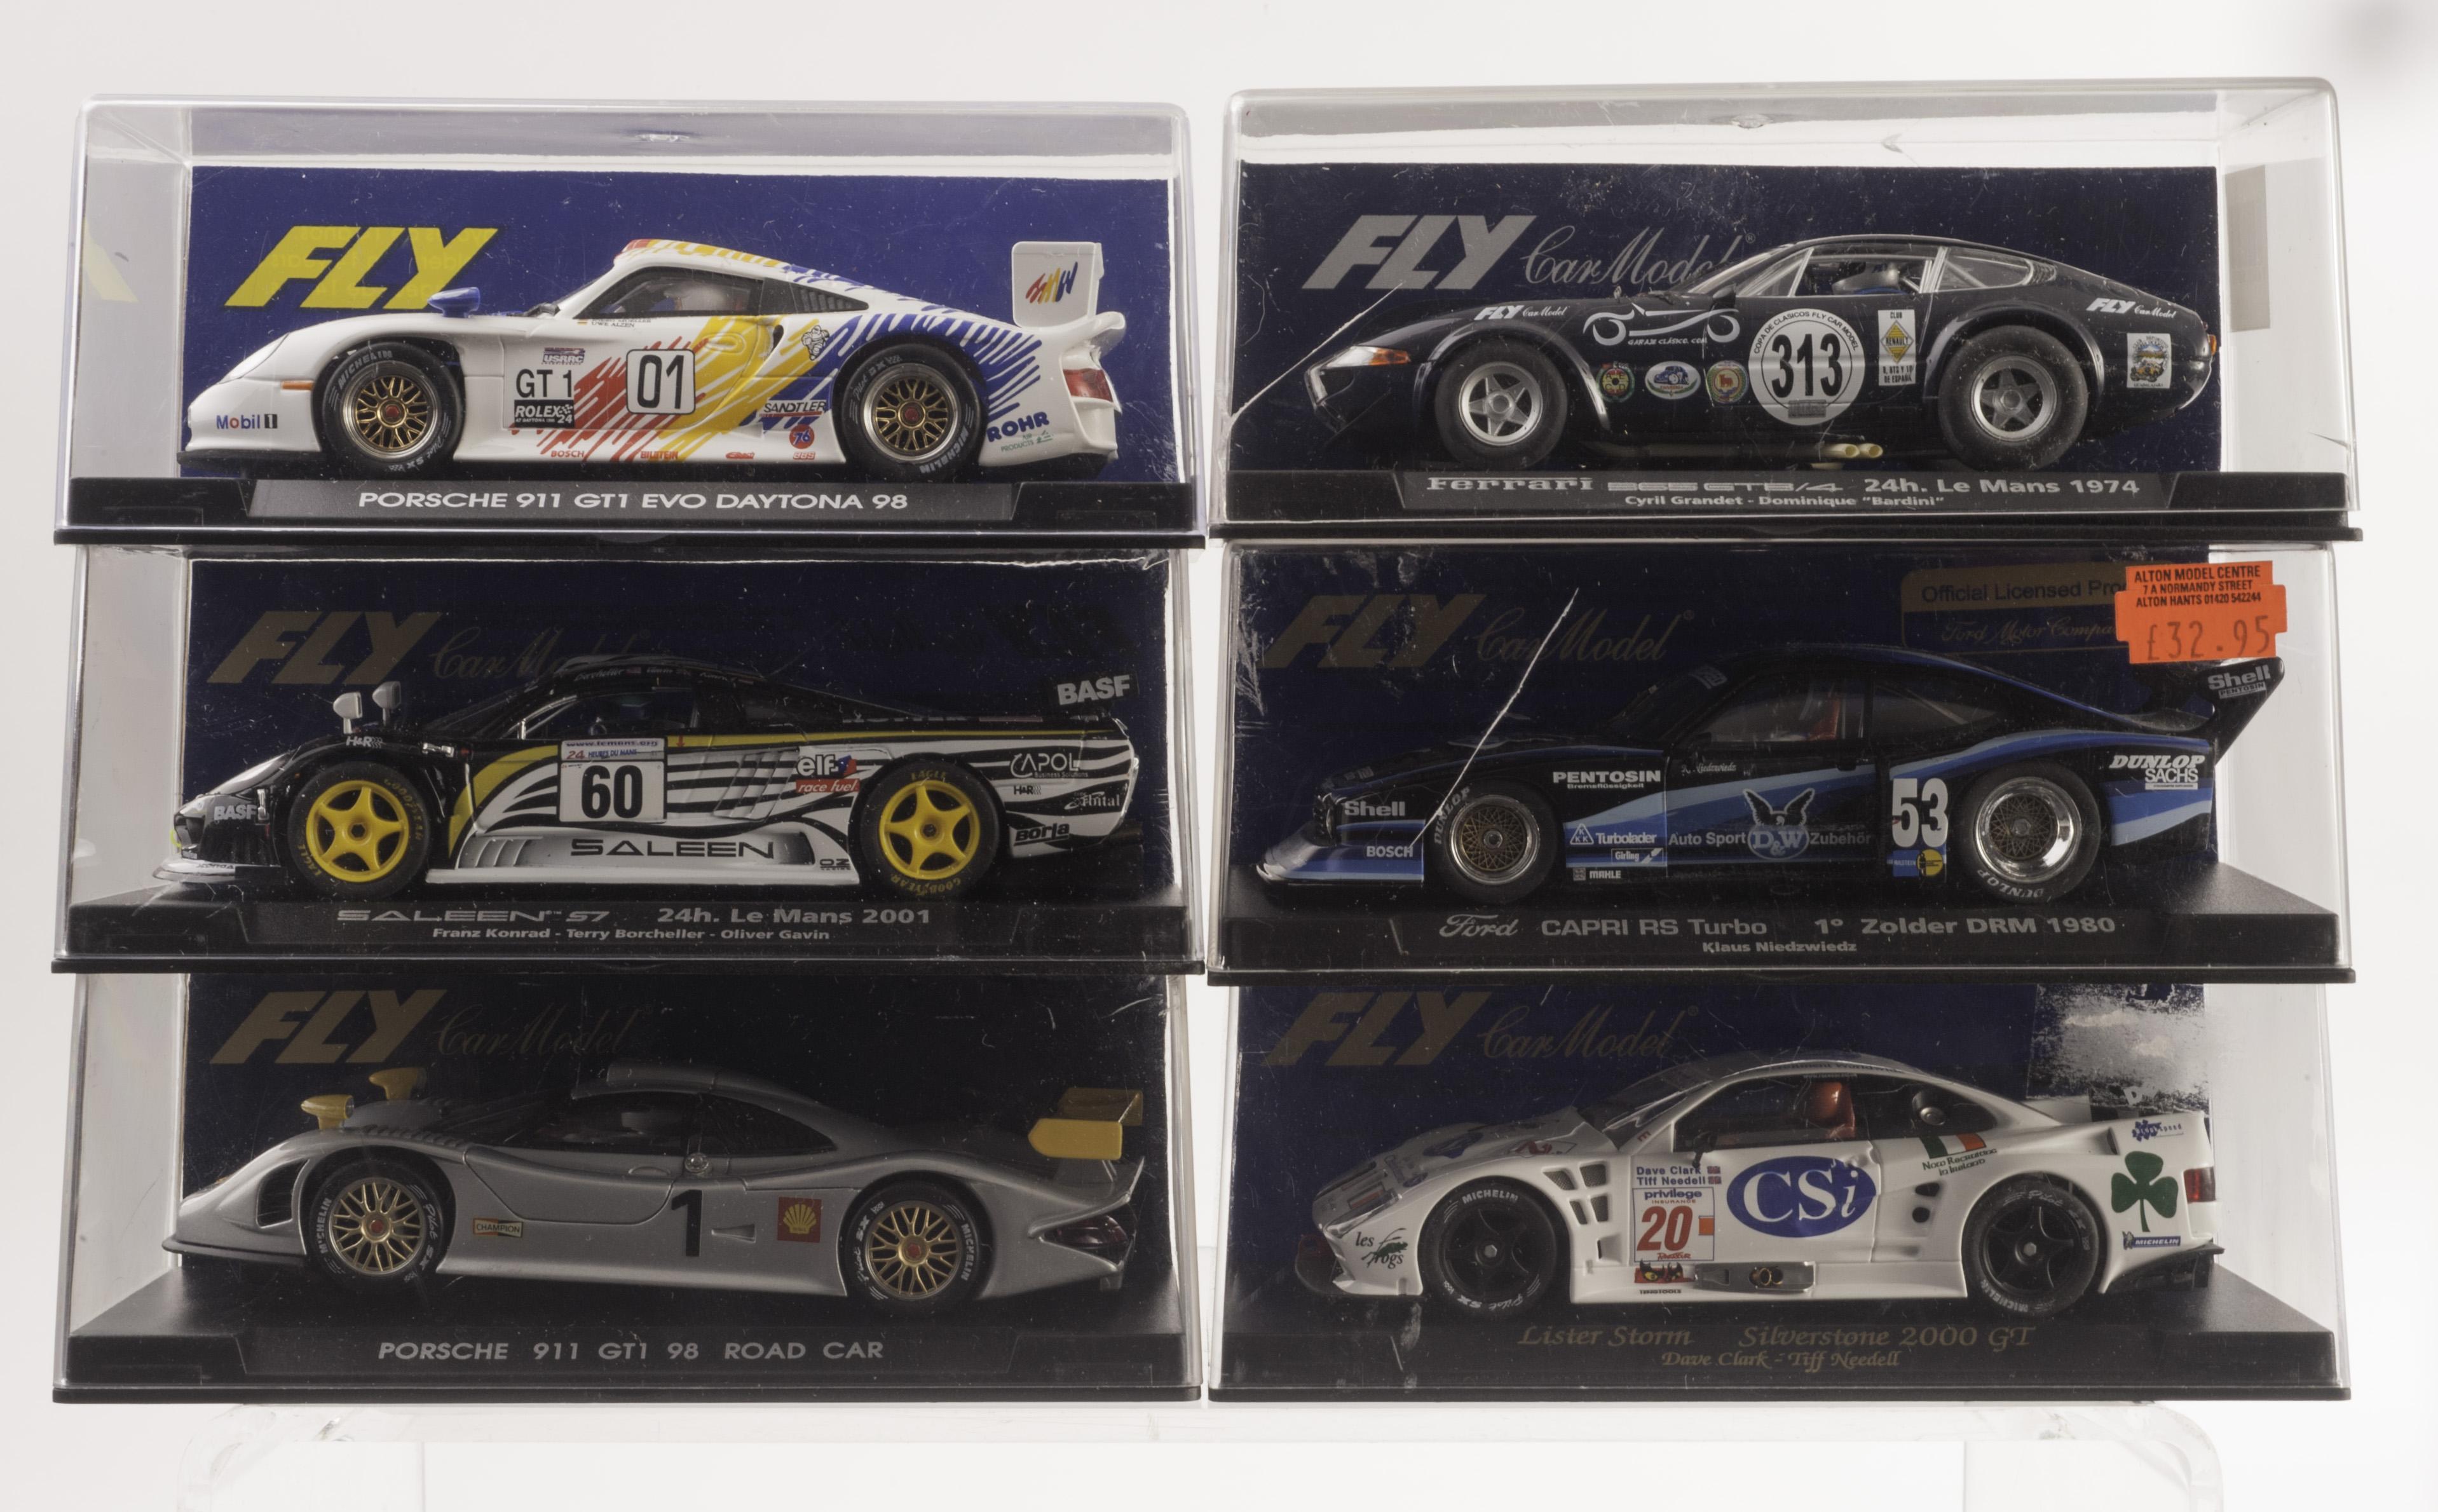 original Terrific Porsche 911 Gt1 98 Road Car Cars Trend